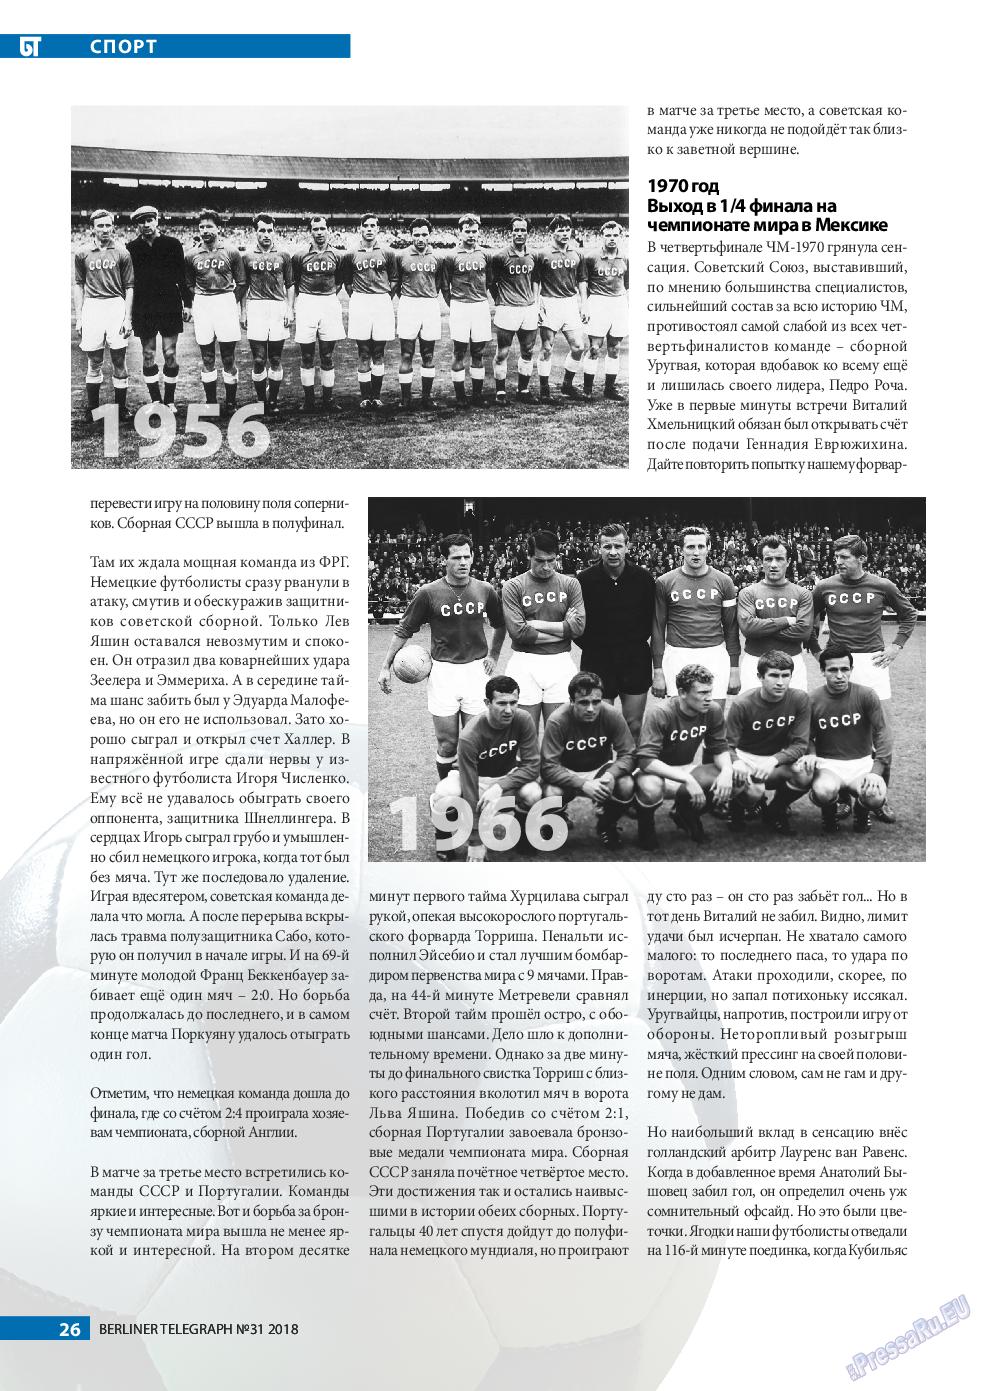 Берлинский телеграф (журнал). 2018 год, номер 31, стр. 26